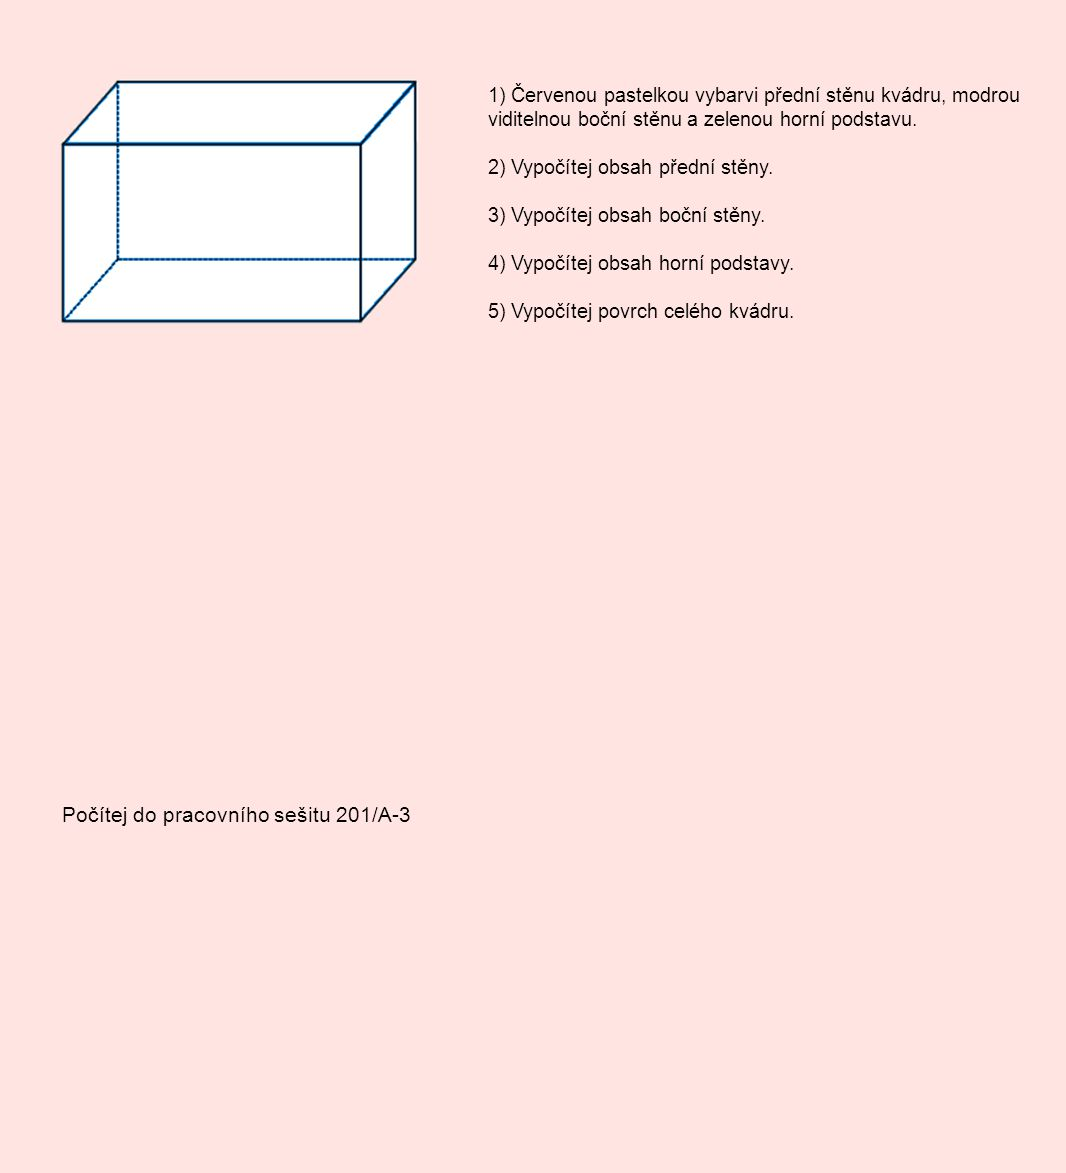 1) Červenou pastelkou vybarvi přední stěnu kvádru, modrou viditelnou boční stěnu a zelenou horní podstavu. 2) Vypočítej obsah přední stěny. 3) Vypočít